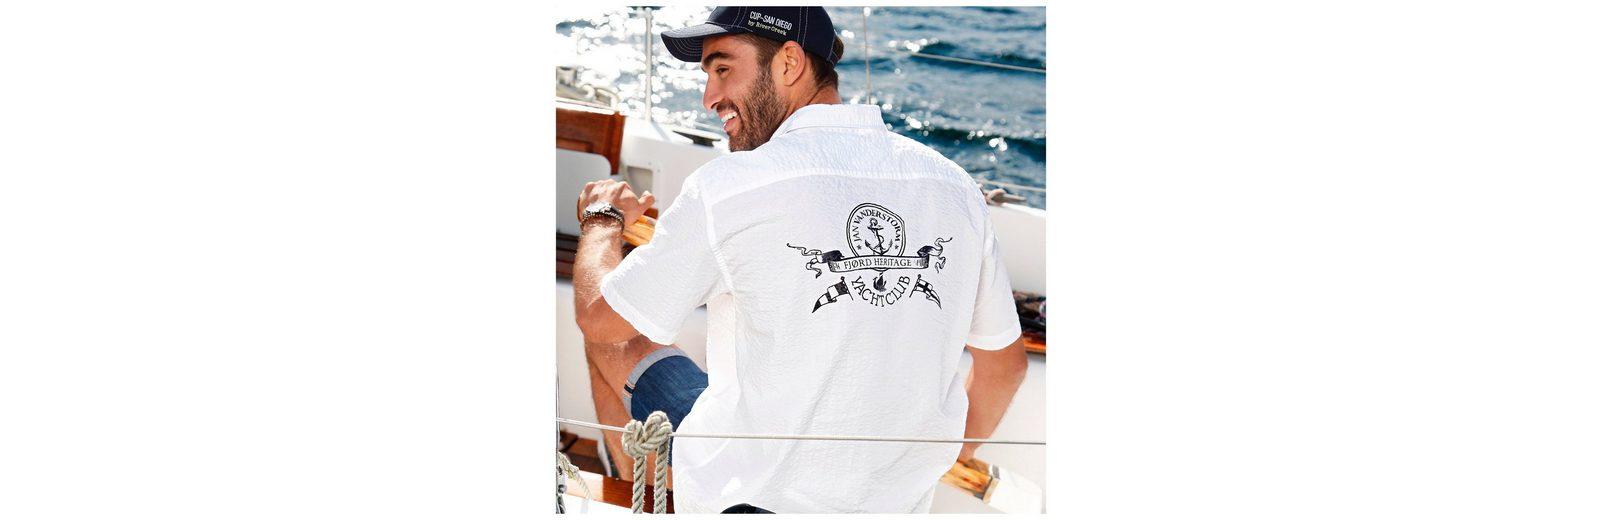 Jan Vanderstorm Kurzarmhemd ADALMAR Große Diskont Verkauf Online Auslass 2018 Neu AfnQB3Y